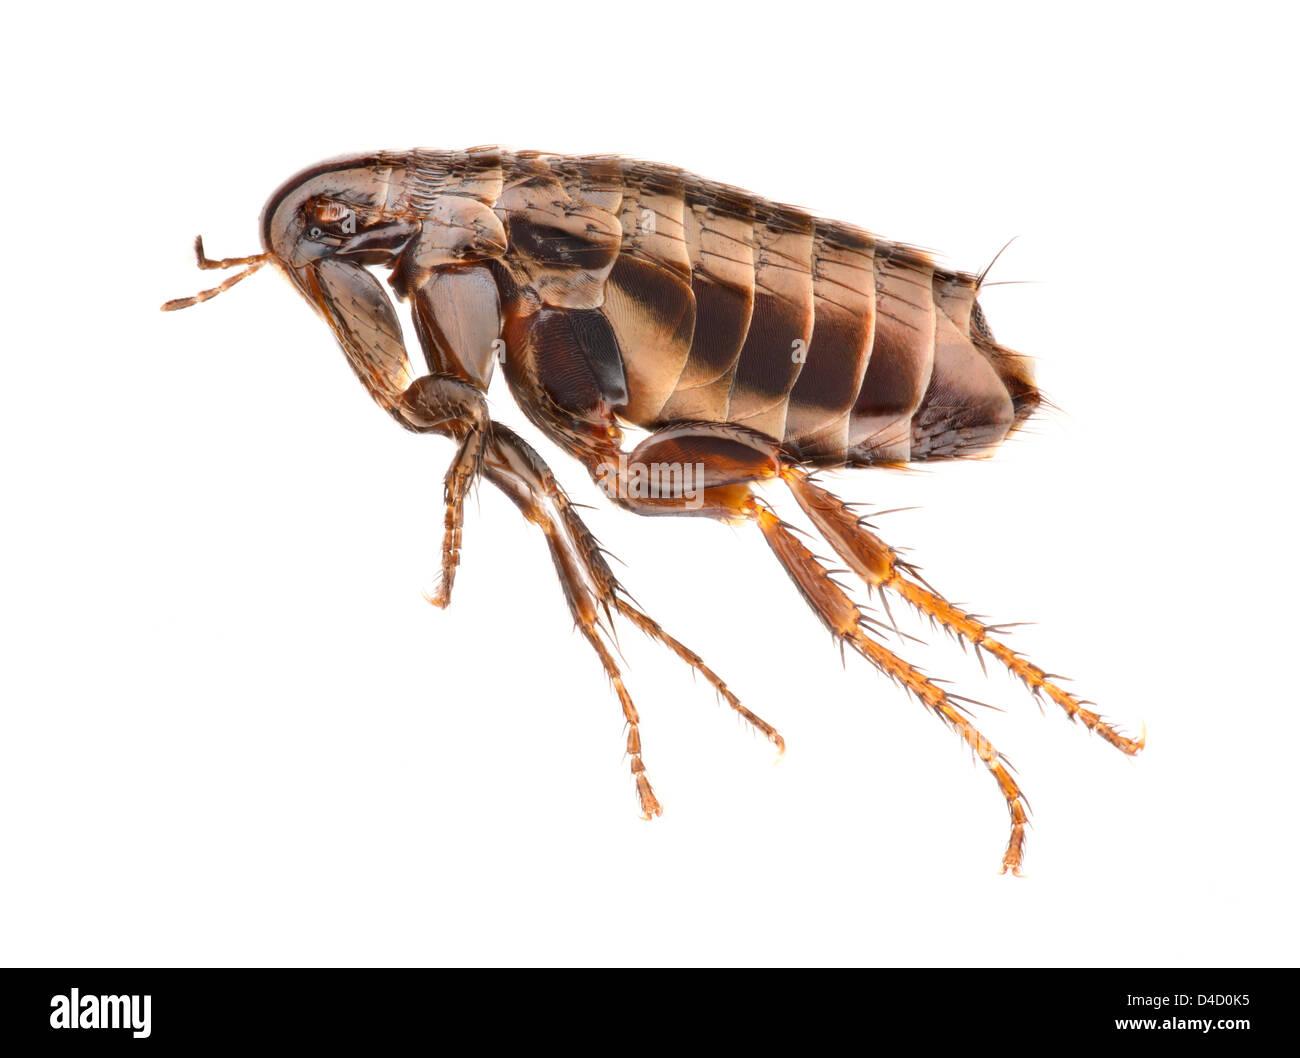 Hen flea (Ceratophyllus gallinae), extreme close-up - Stock Image